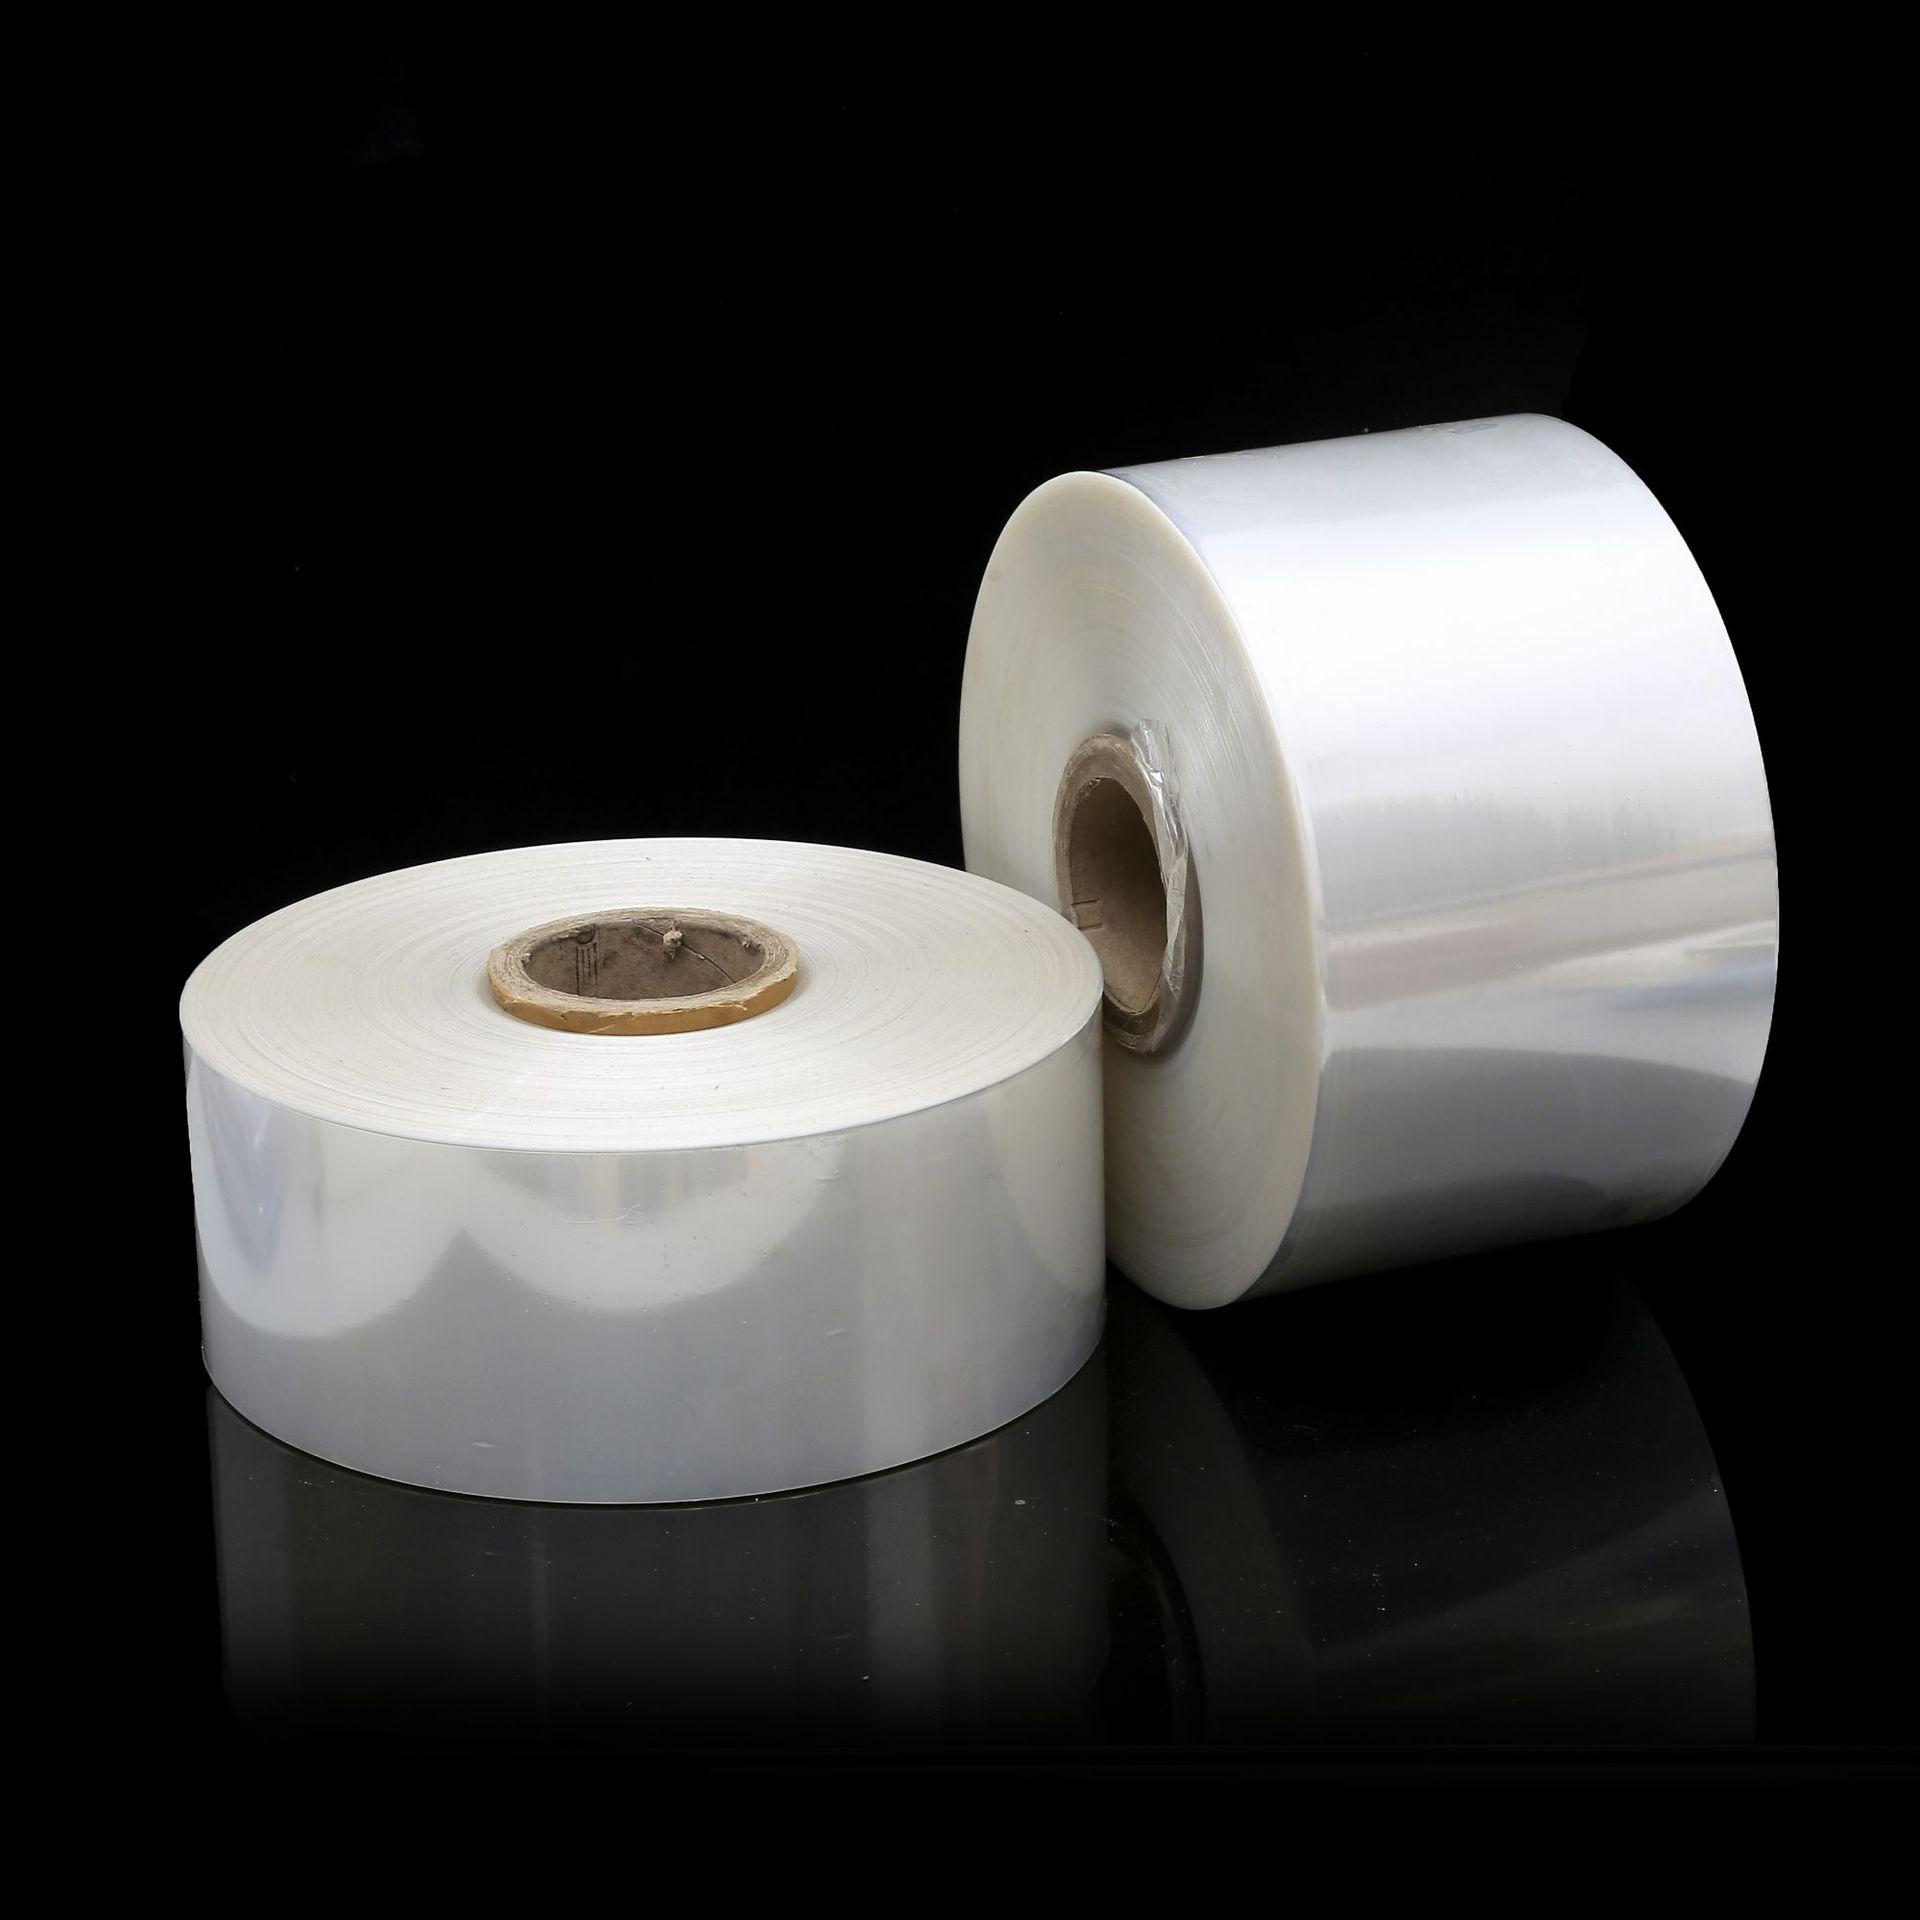 一次性产品包装袋瓶口热缩膜袋环保透明热收缩膜用品包装膜定制